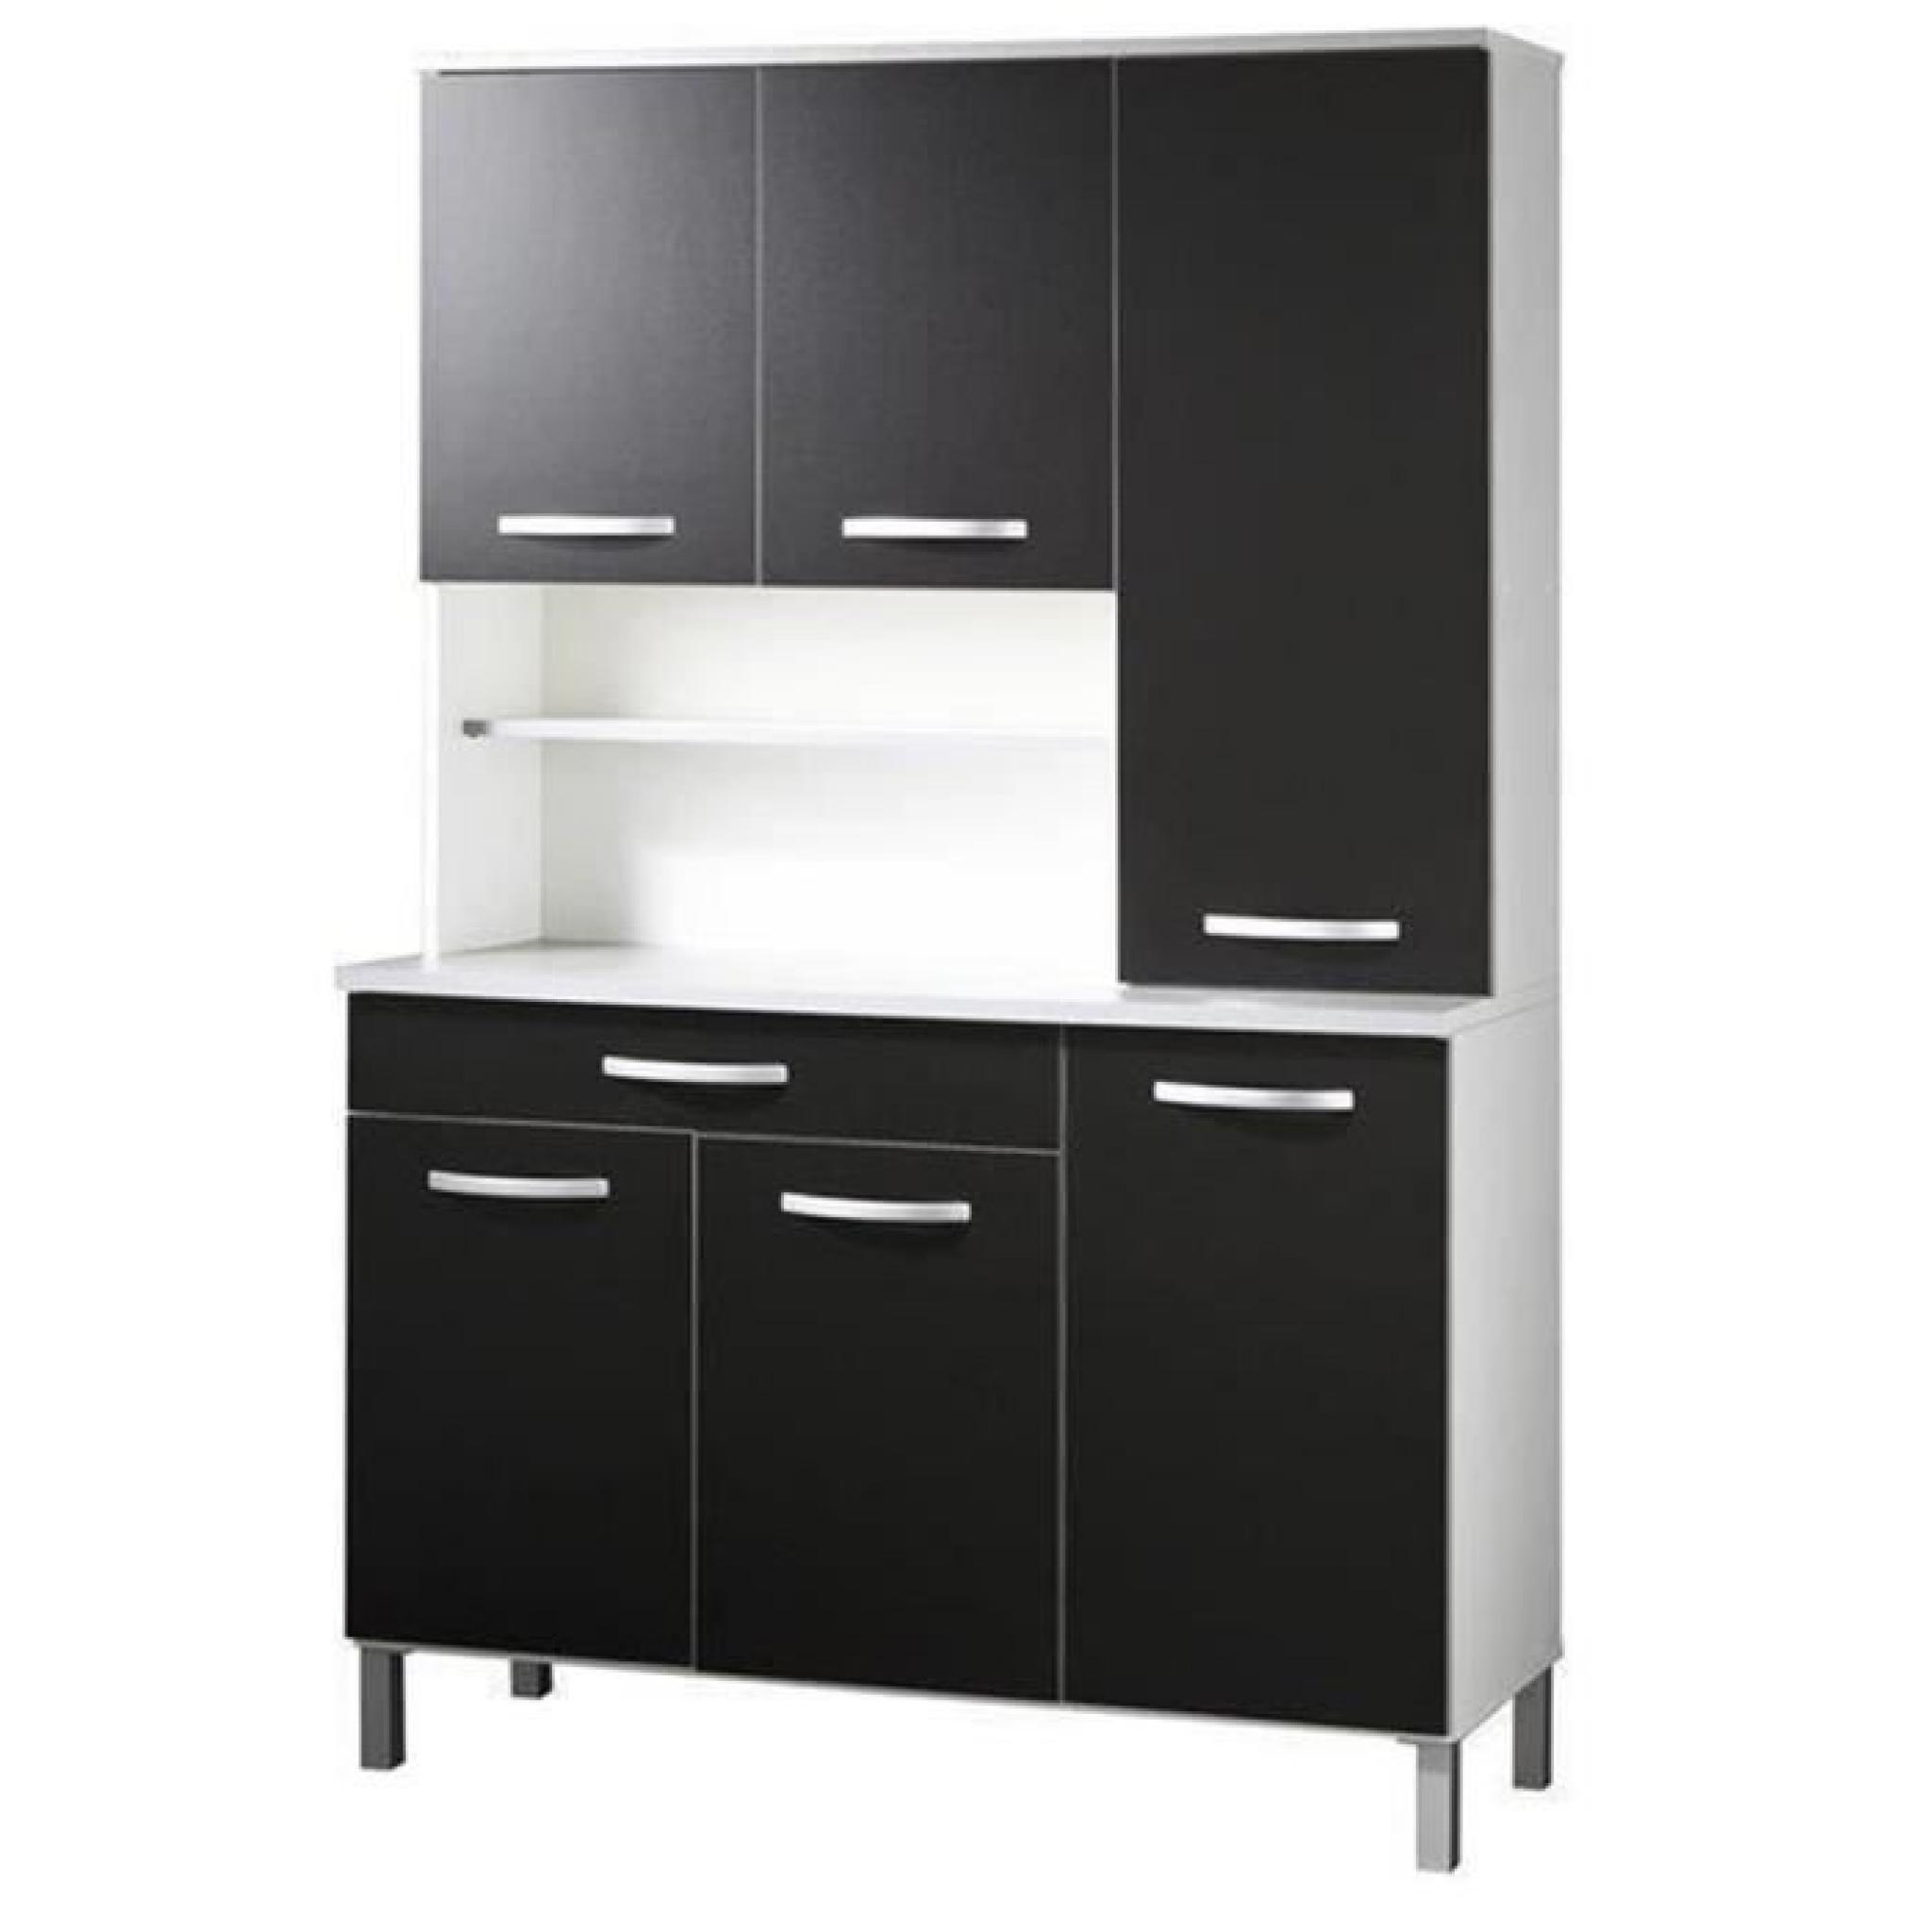 Buffet de cuisine avec 14 portes et tiroir coloris blanc et noir, H 14 x L  14 x P 14 cm